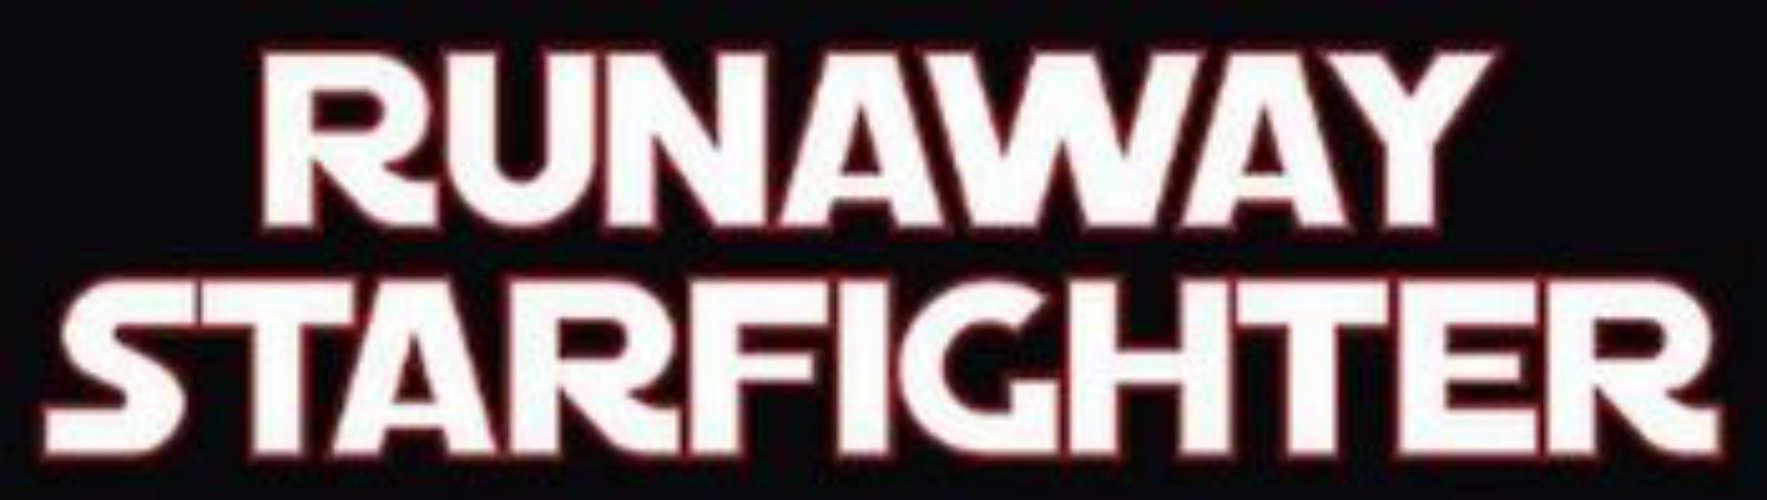 Runaway Starfighter